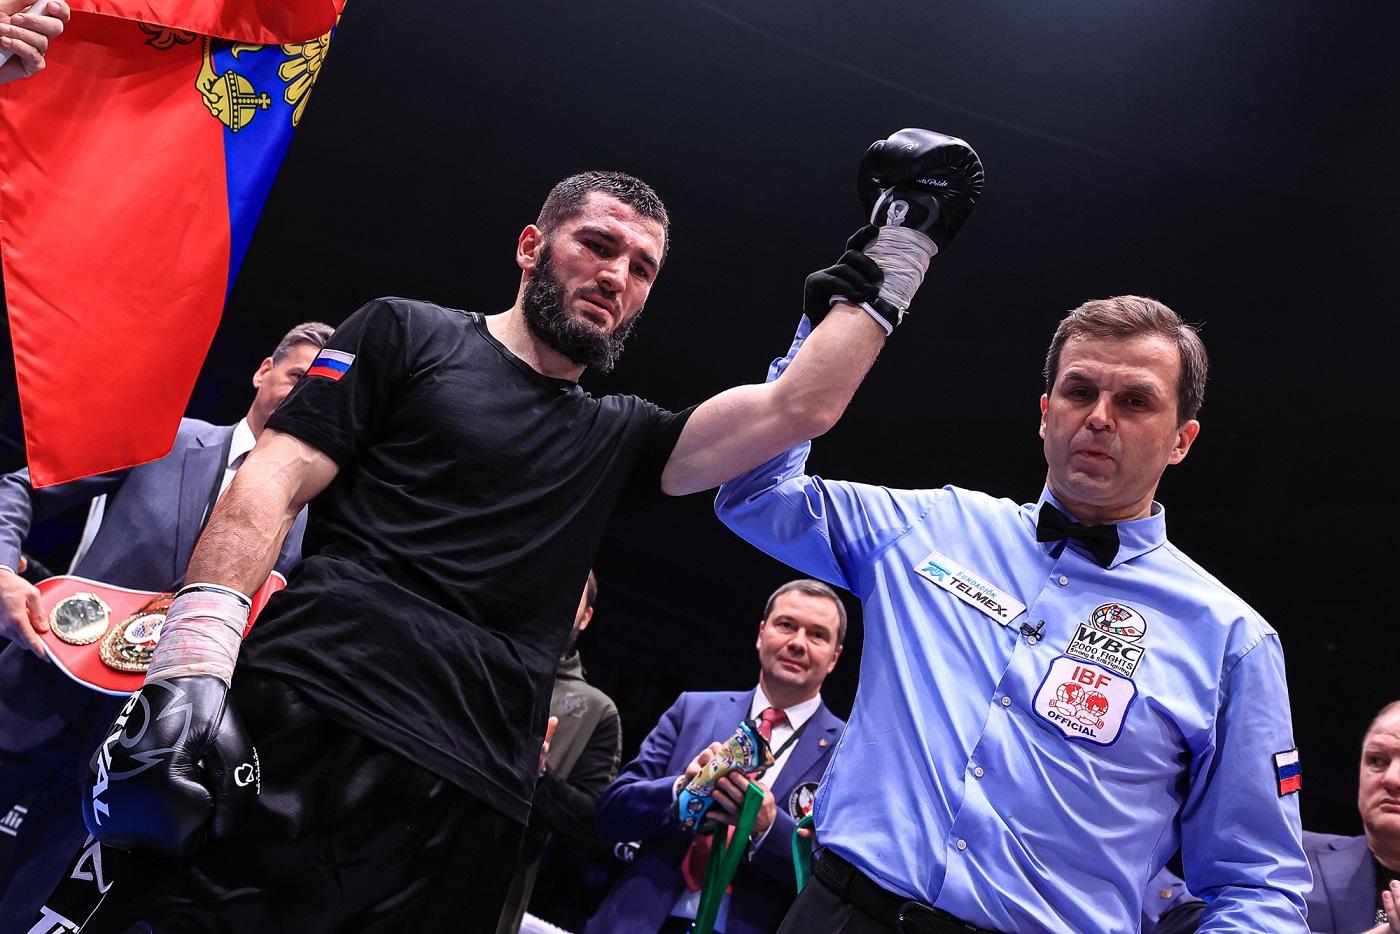 プロになって初めてロシアで勝利したチャンピオンは感無量の表情